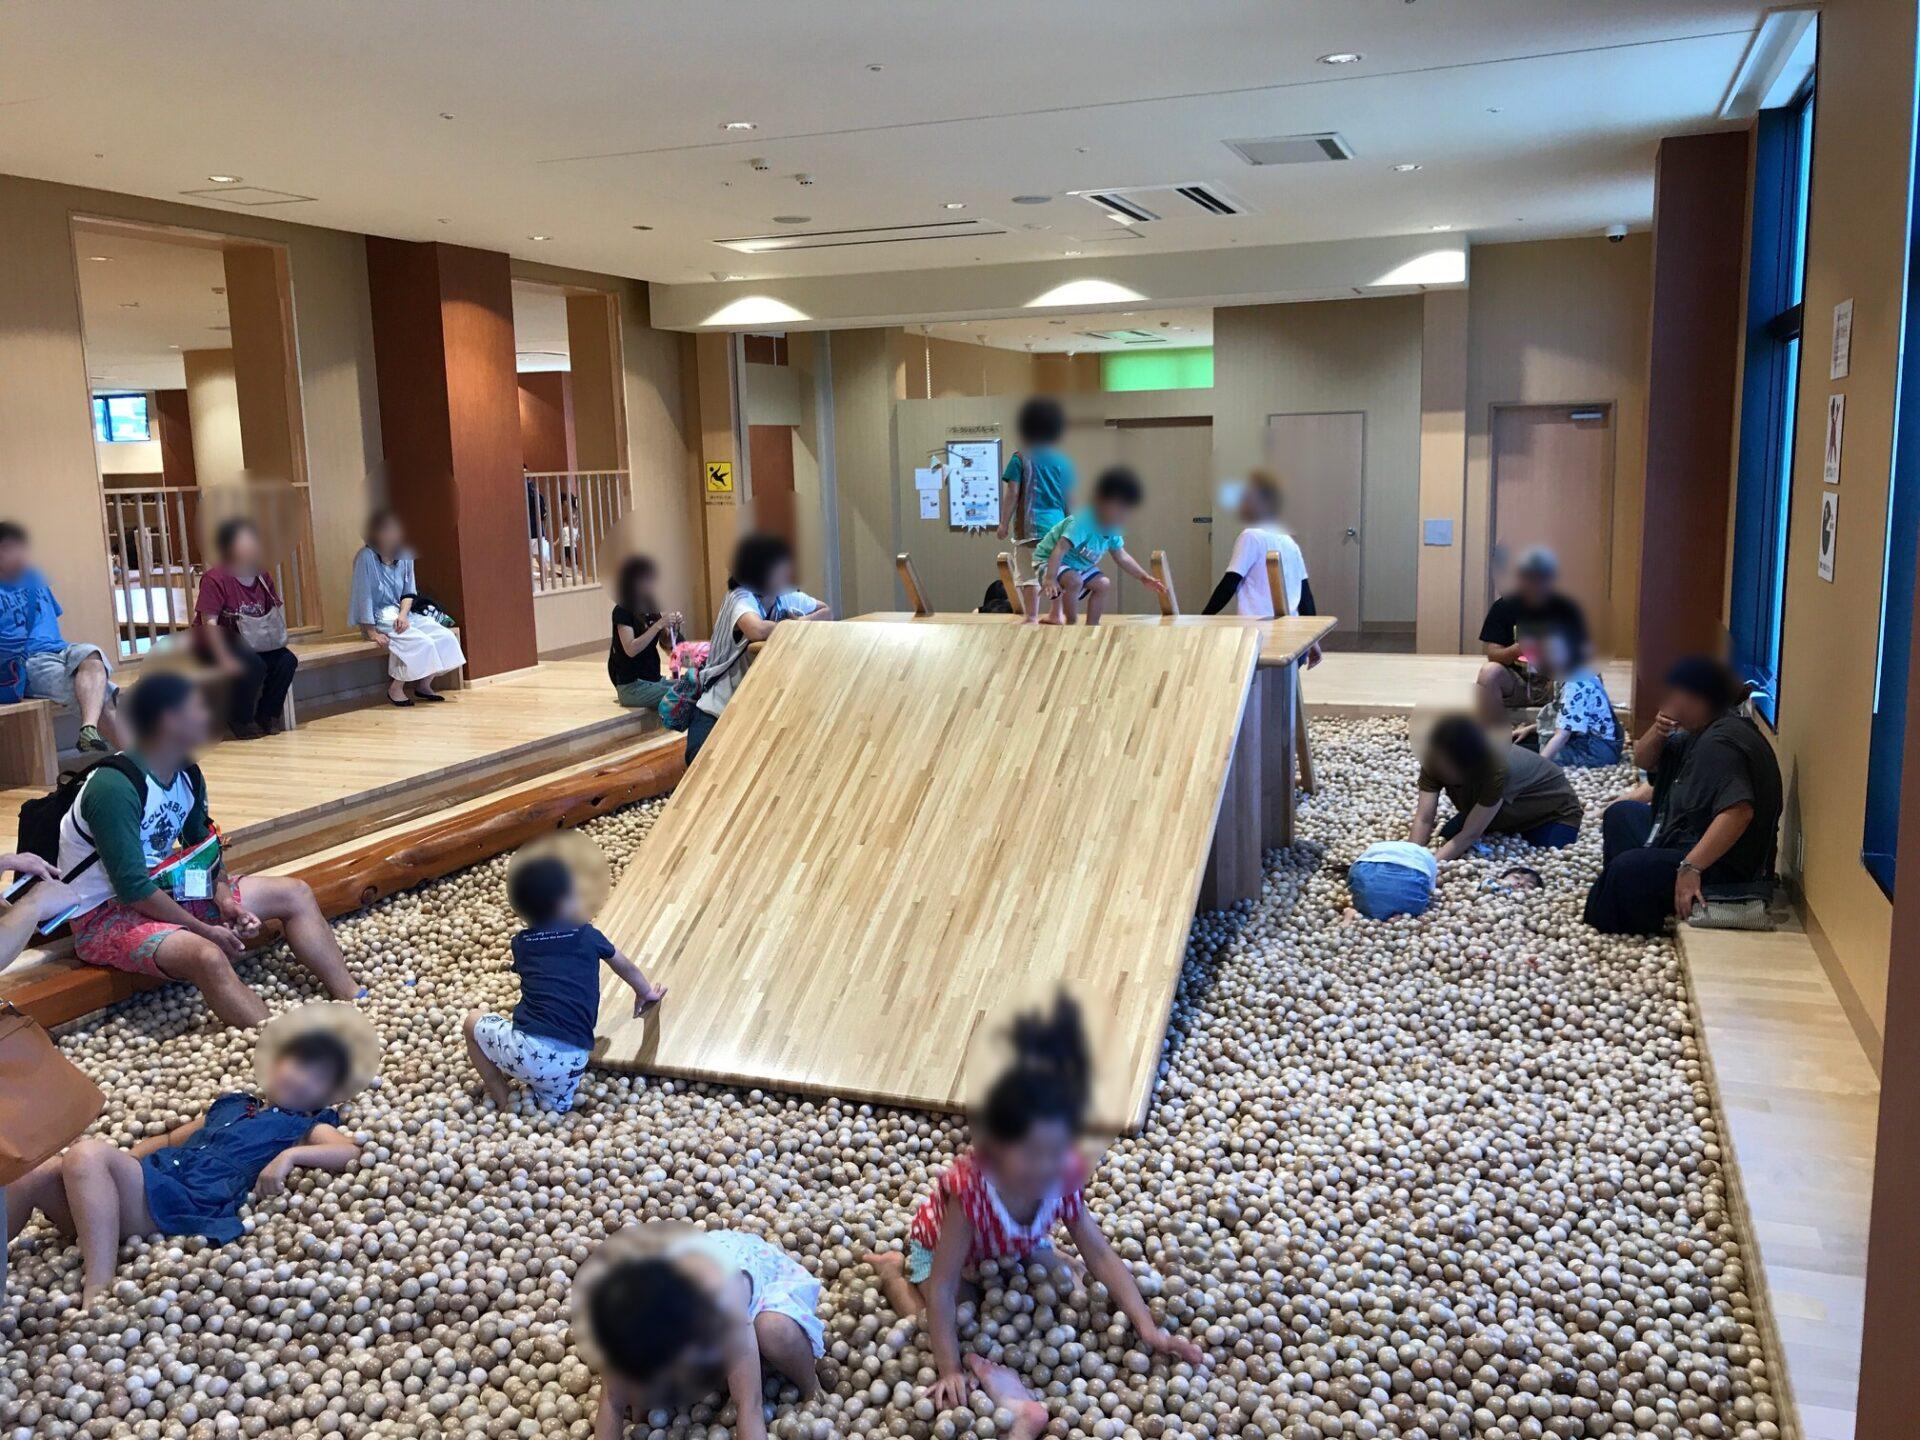 木の室内創造遊び場 感性の森〜子供達の感性を育む木のぬくもりにあふれ